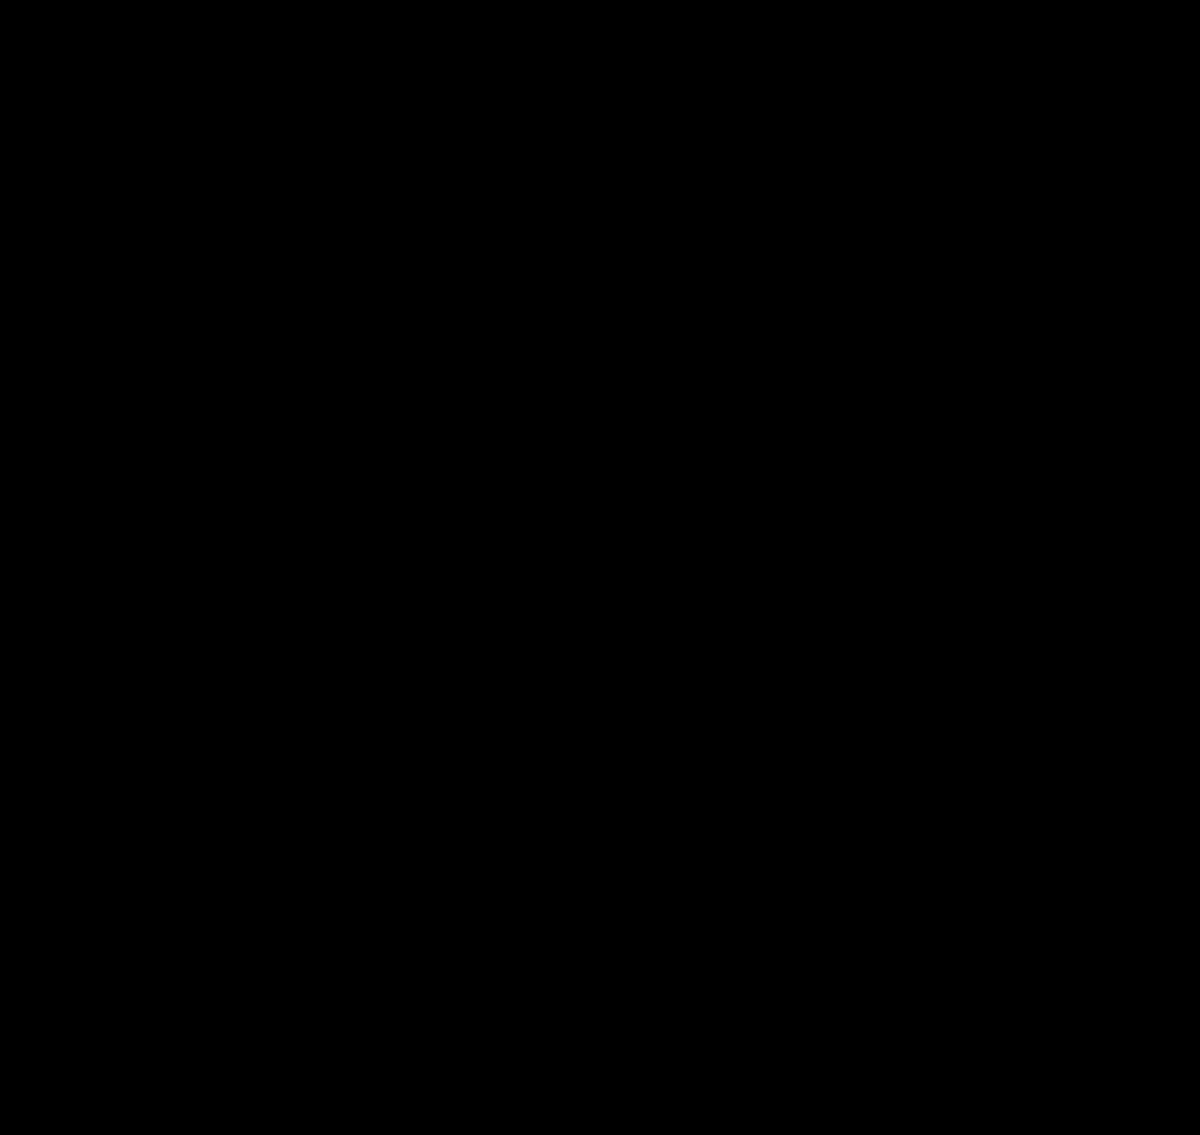 Суонси u23 вулверхэмптон u23 прогноз 10. 01 17